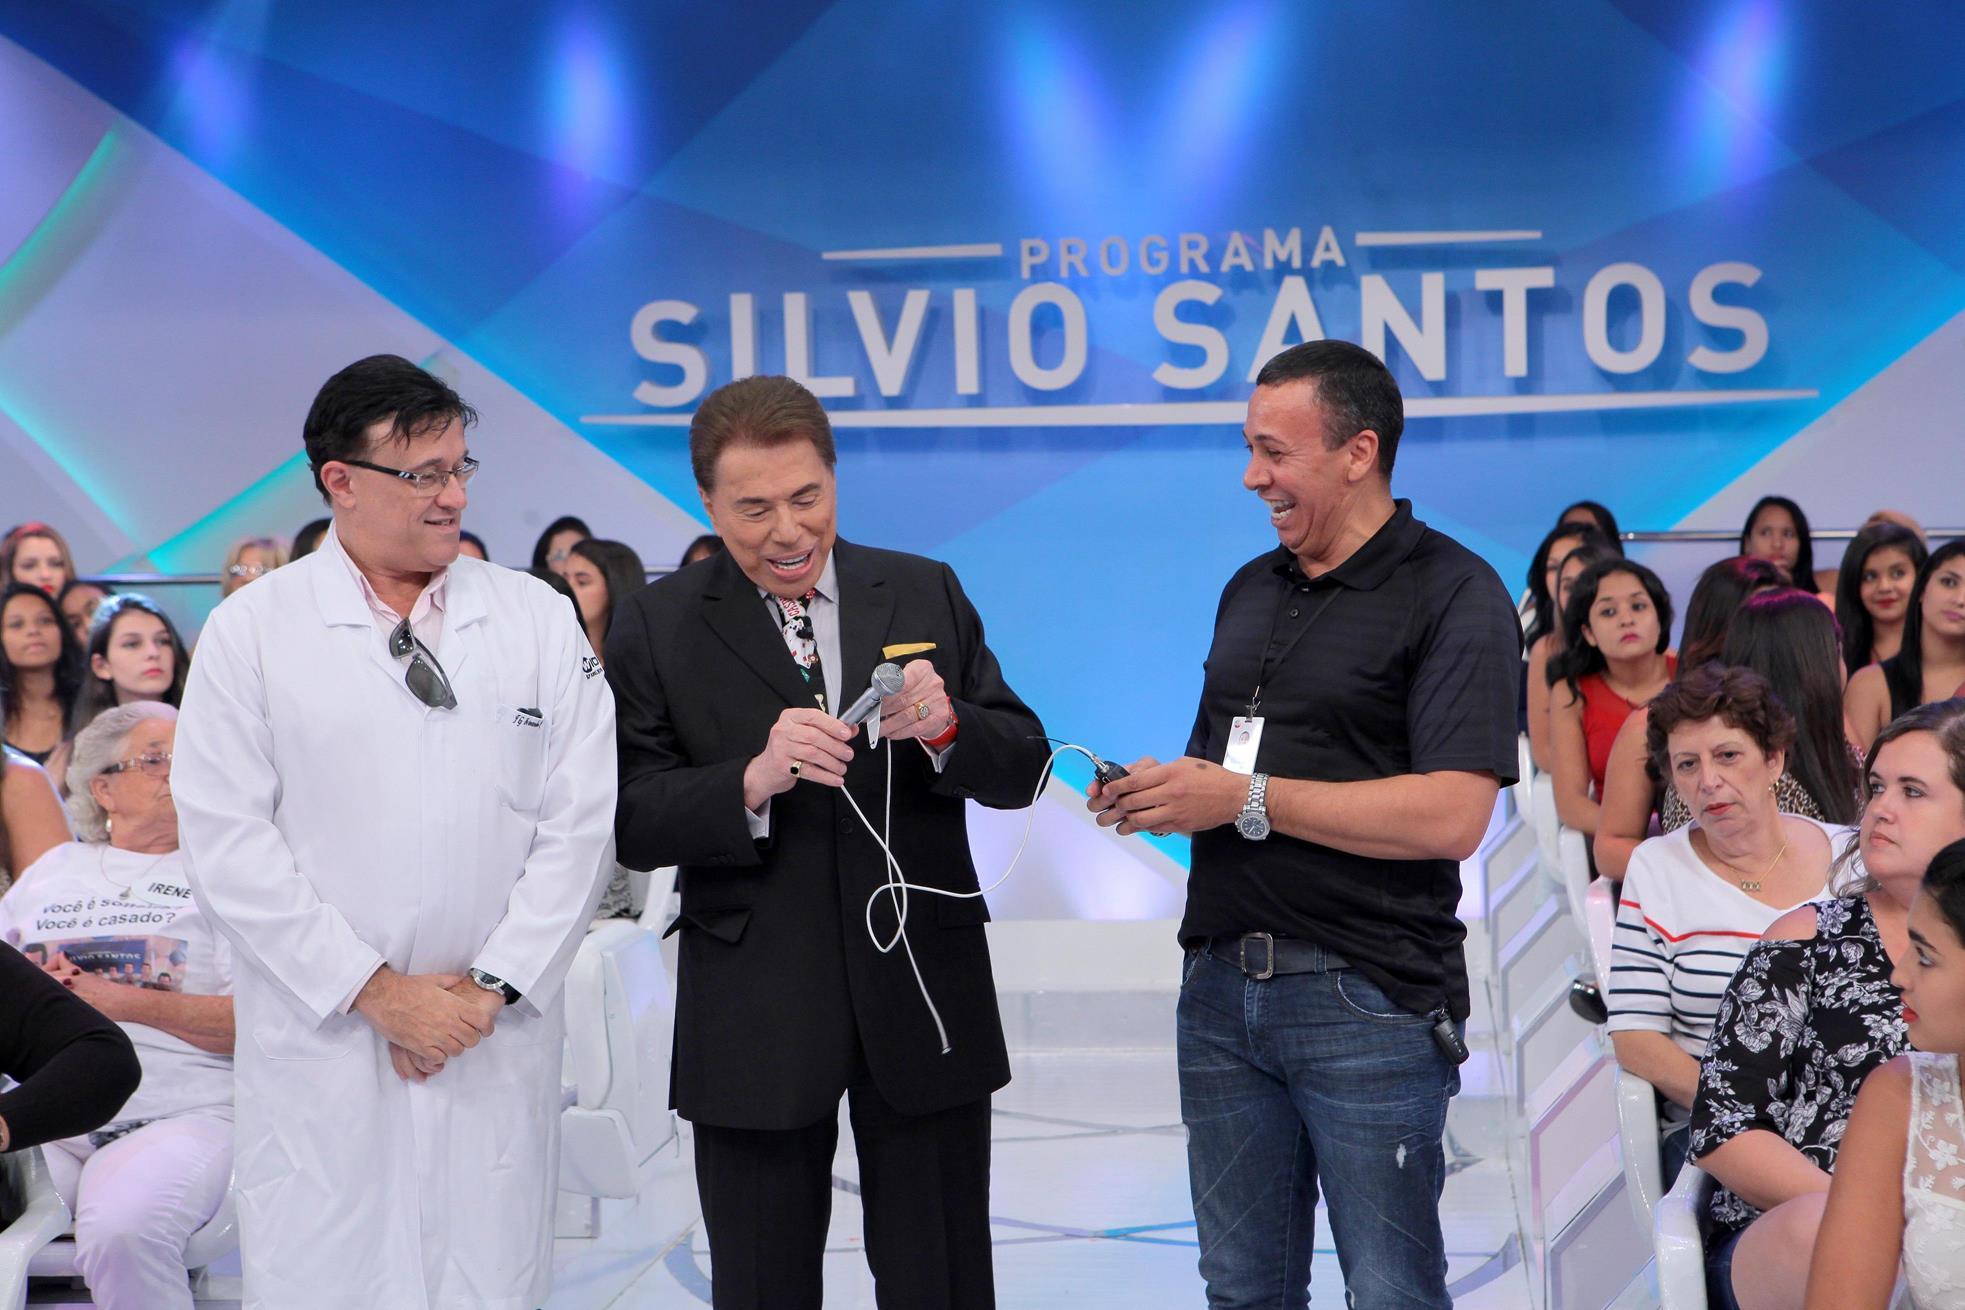 Silvio Santos revela porque abandonou microfone